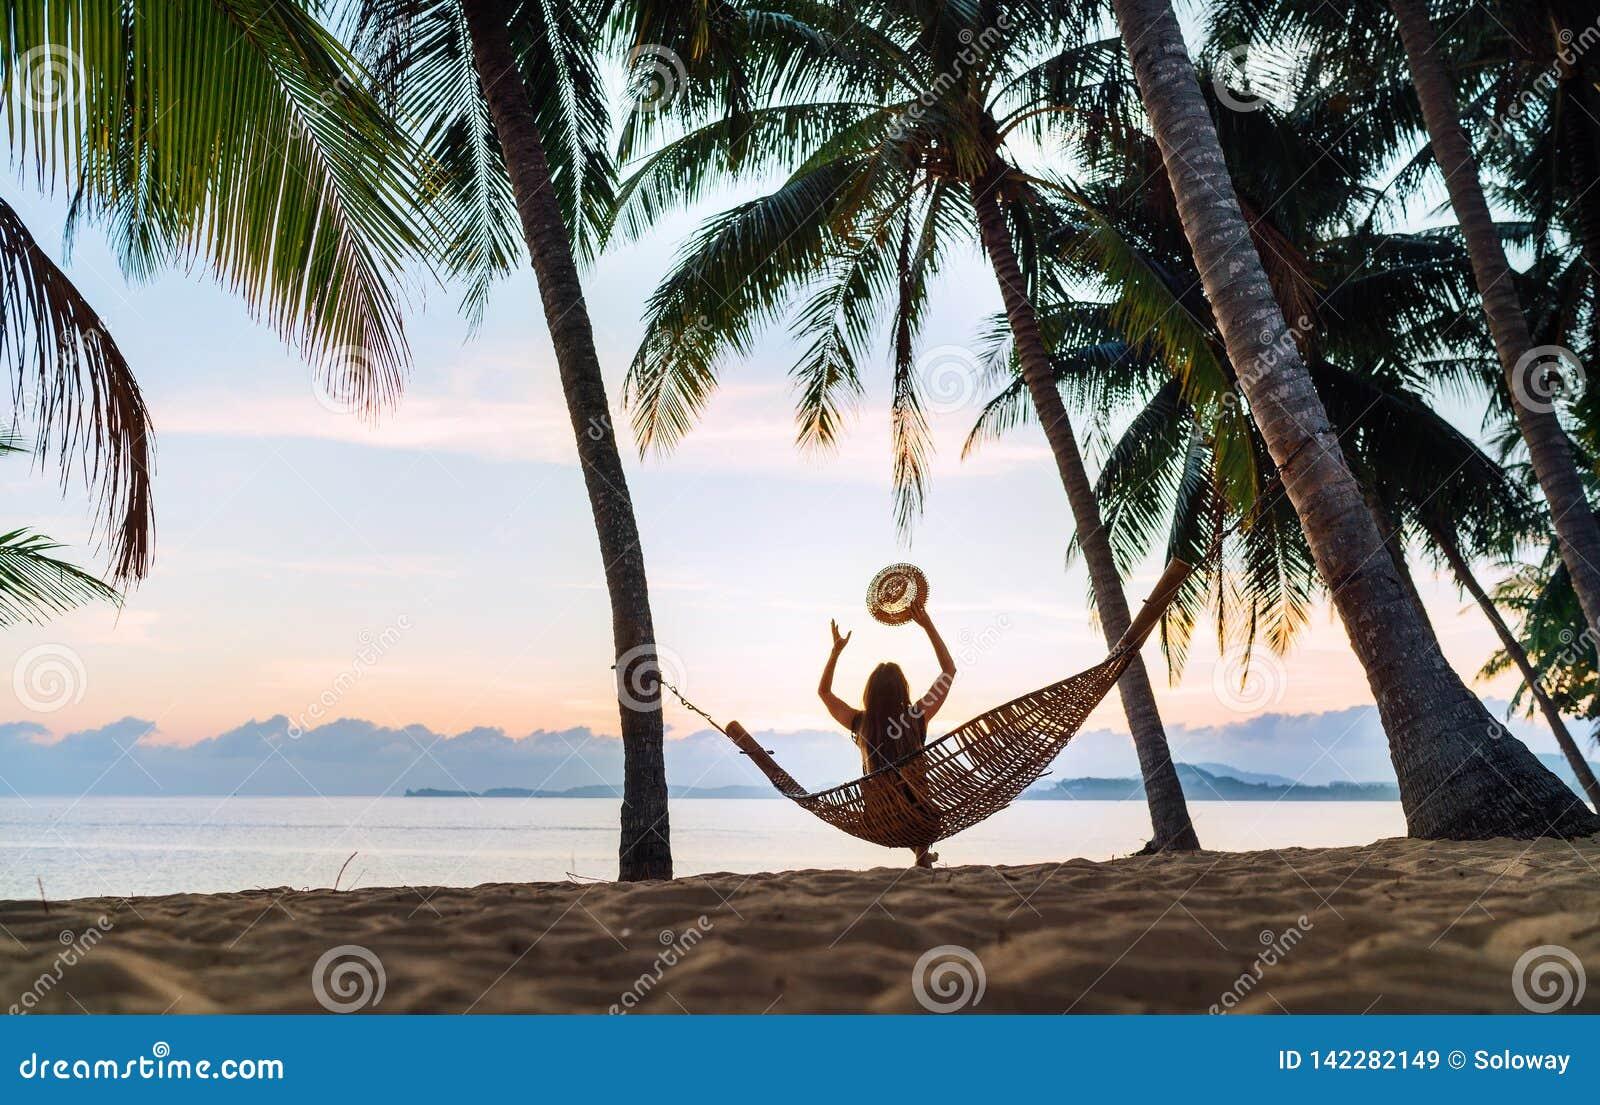 Młodej kobiety spotkania wschód słońca obsiadanie w hamaku na piasek plaży pod drzewkami palmowymi